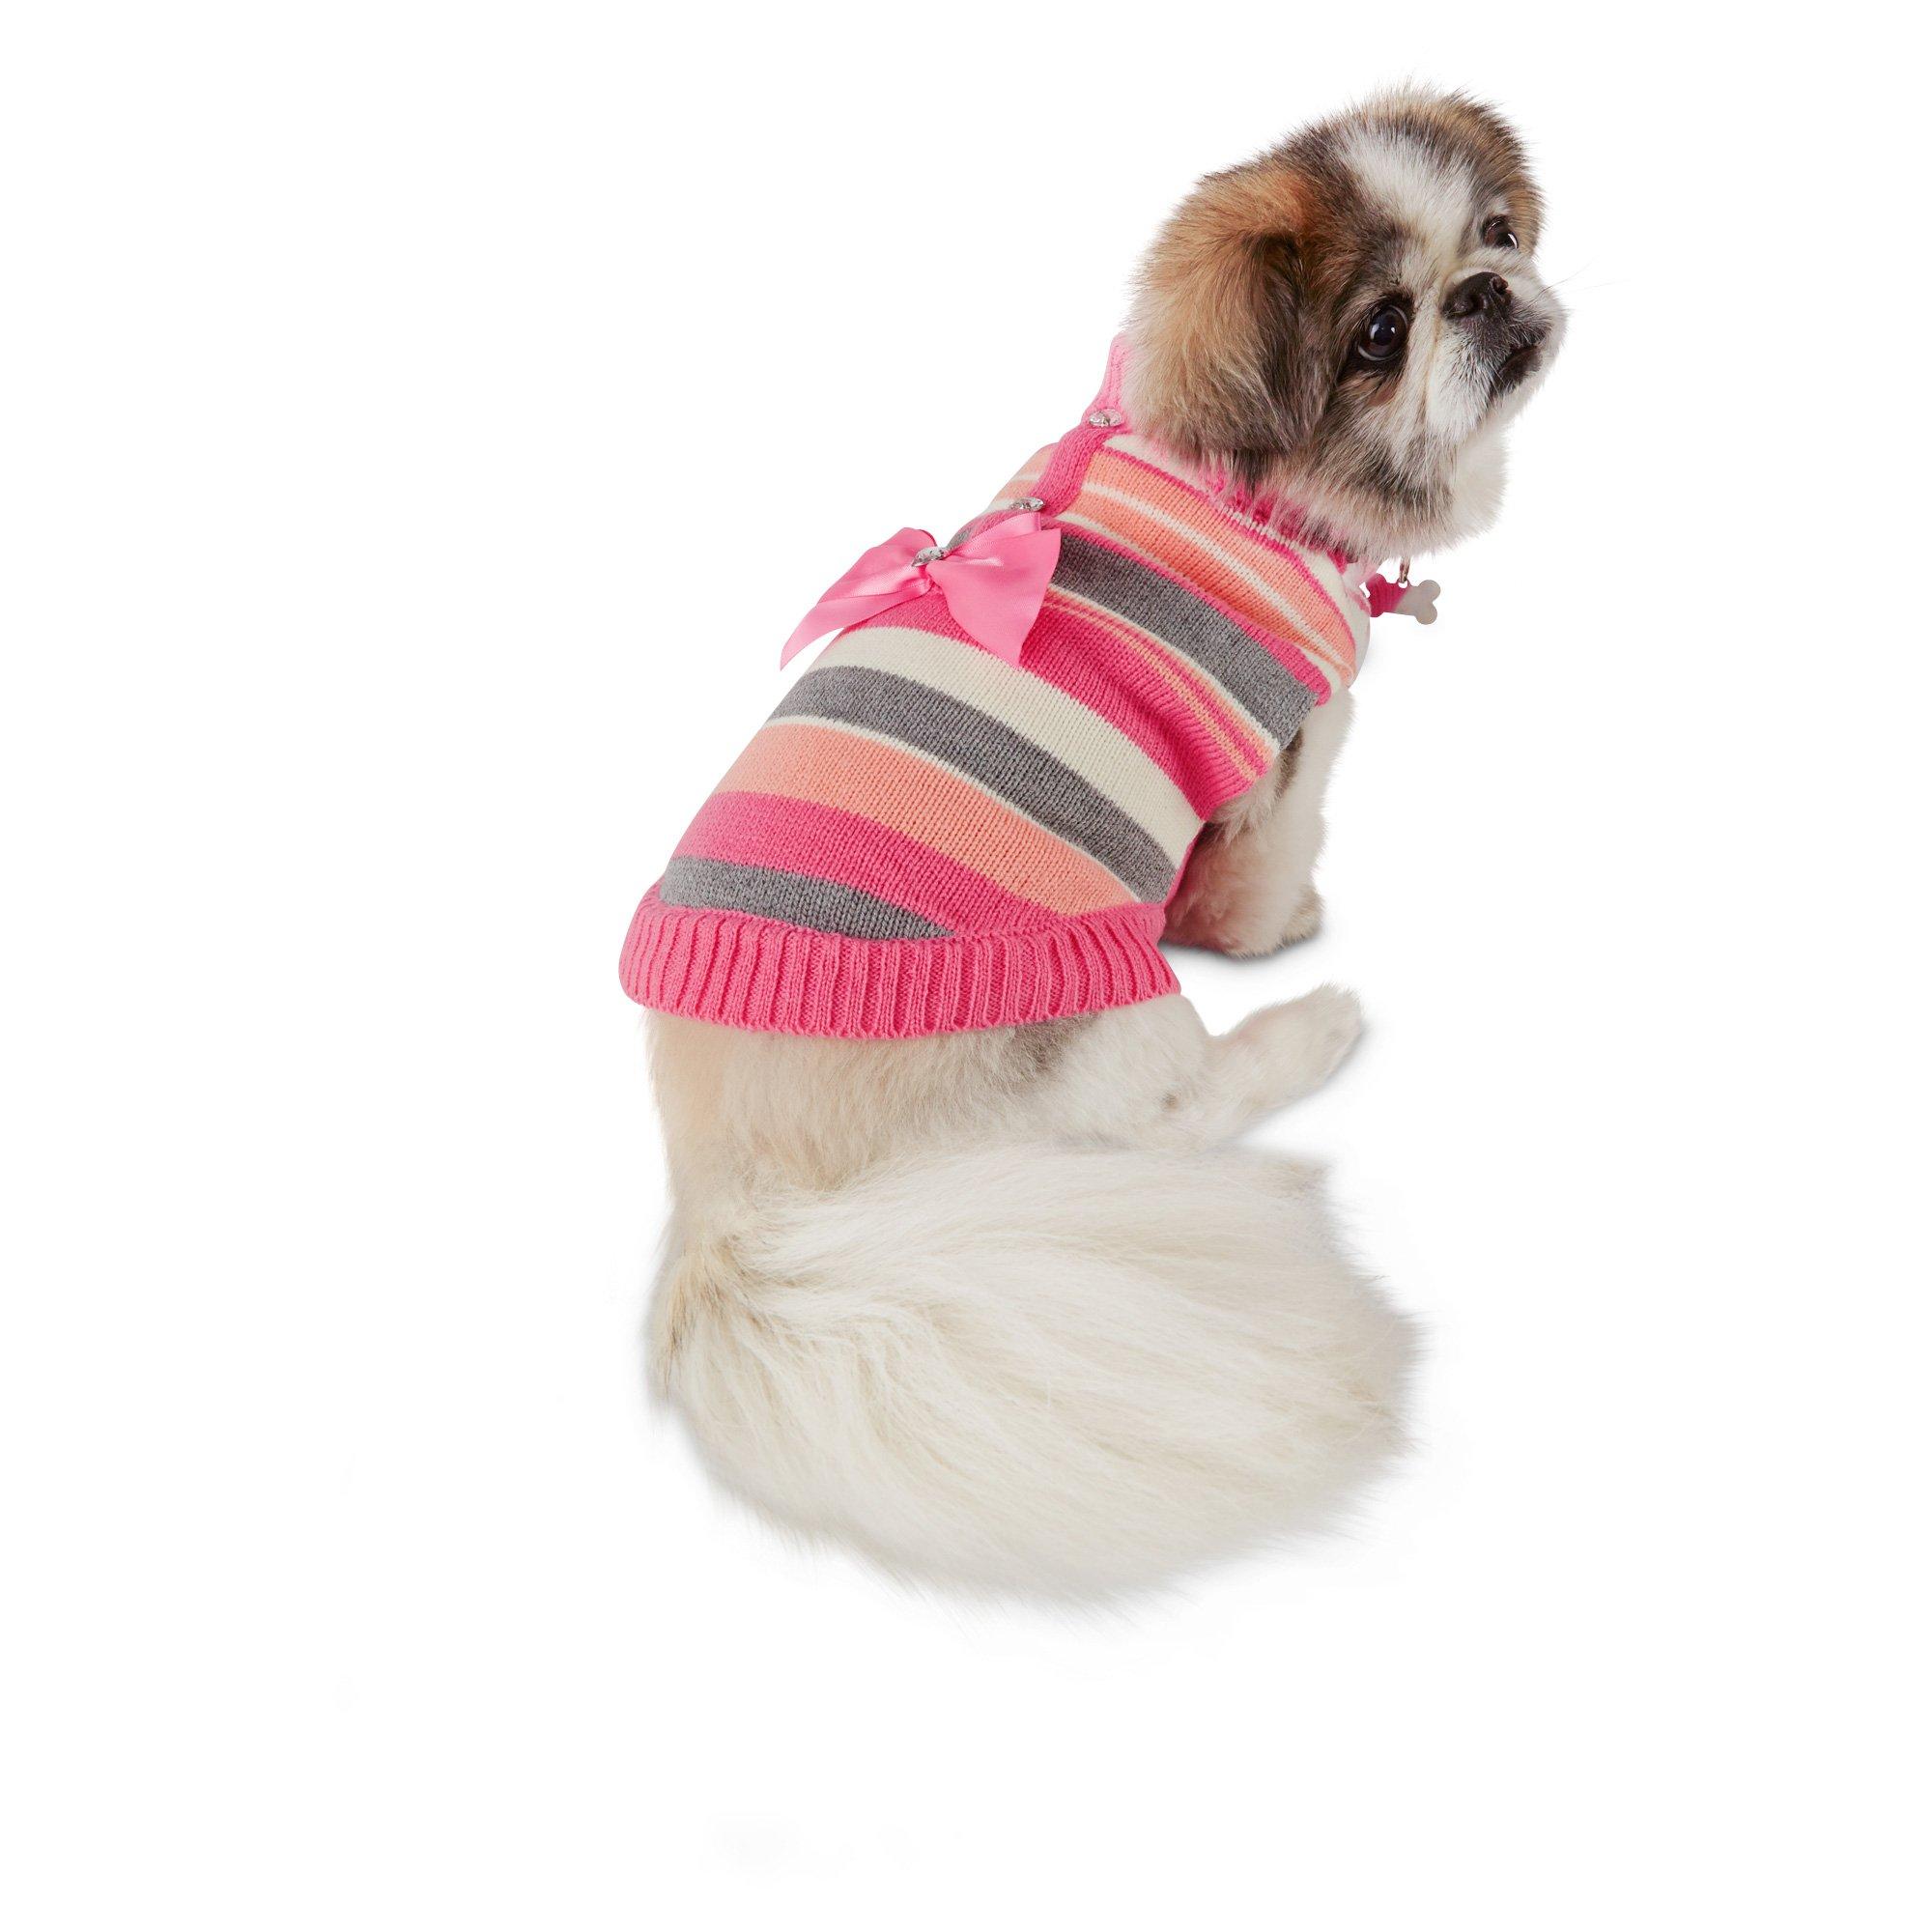 Smoochie Pooch Striped Bow Cardigan Dog Sweater